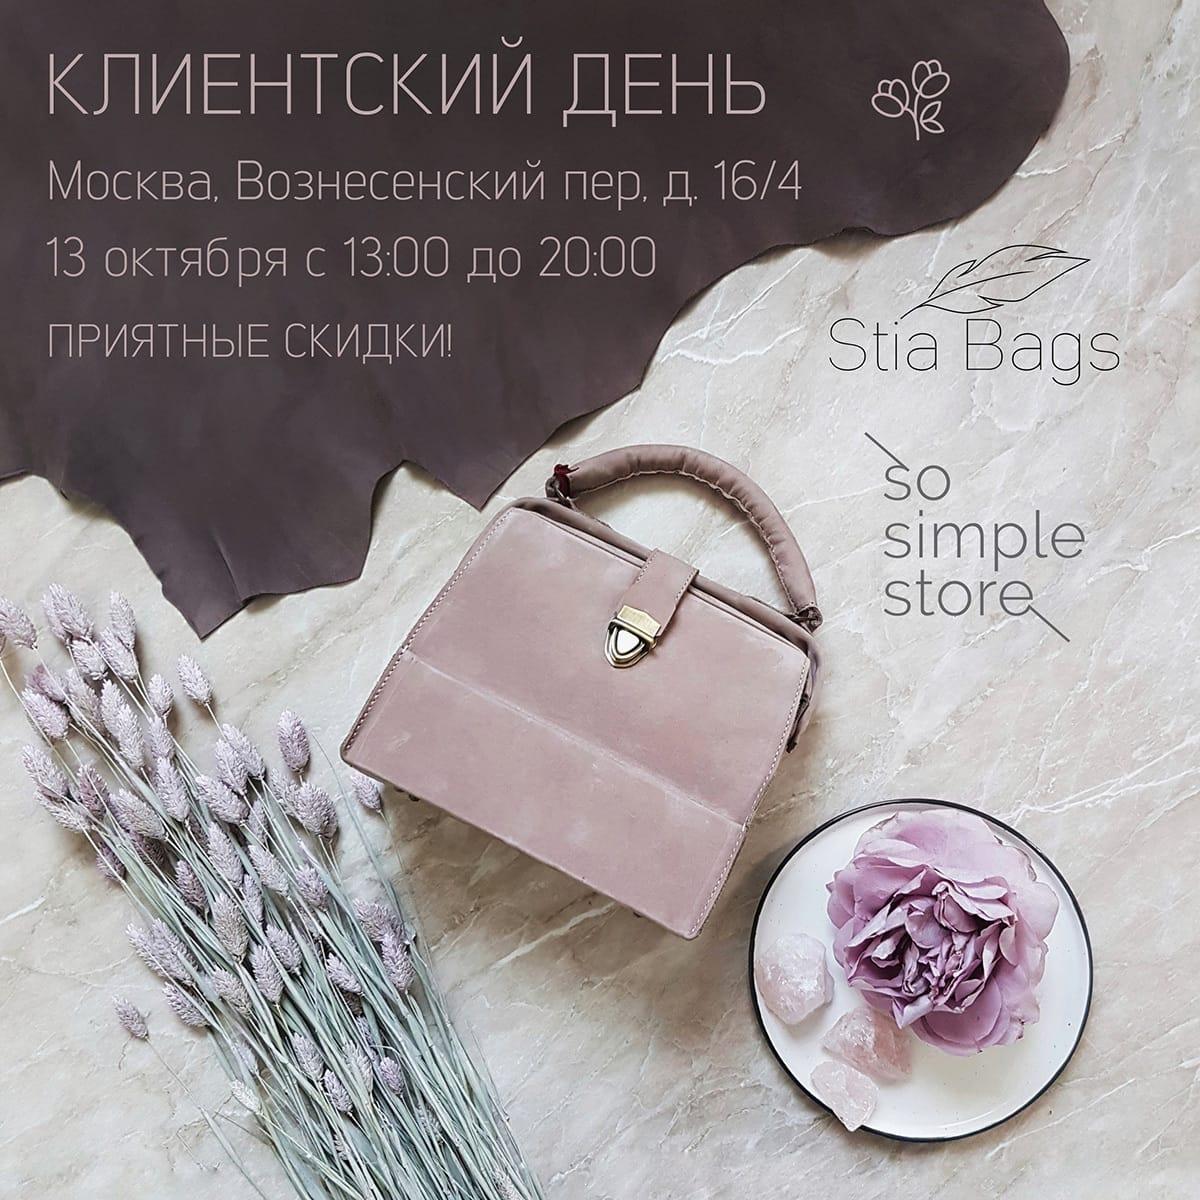 Клиентский день в Москве 13 октября